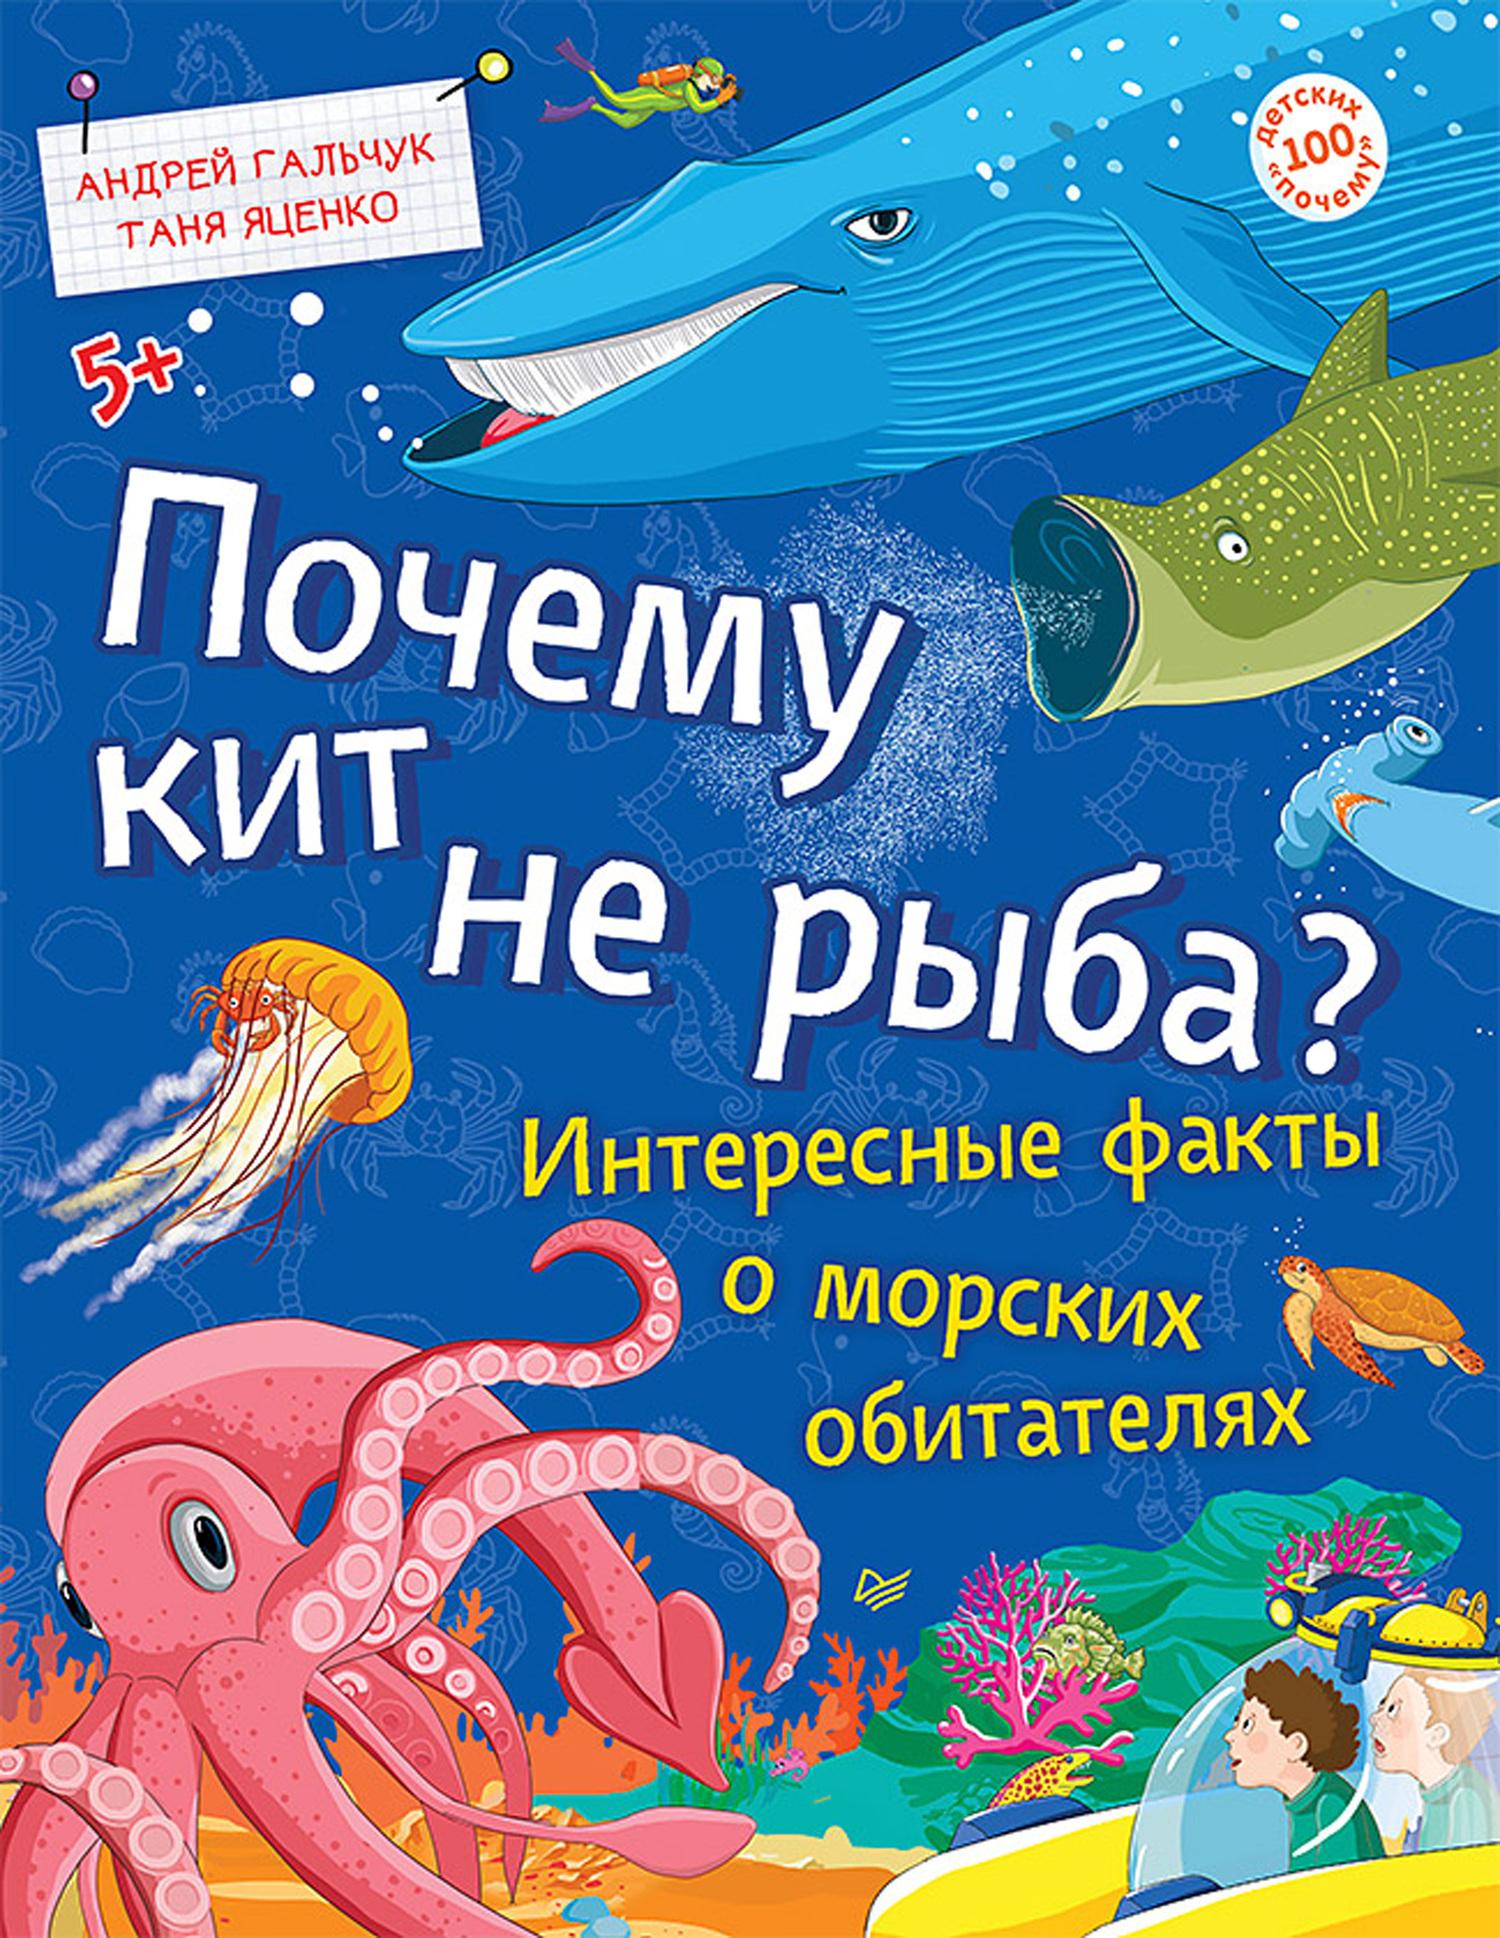 Татьяна Яценко. Почему кит не рыба? Интересные факты о морских обитателях